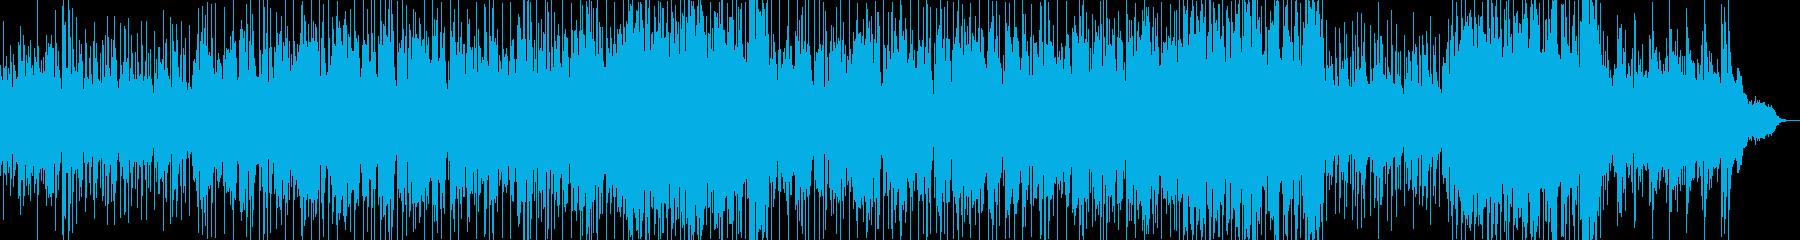 おしゃれで温かい爽やかなピアノバラードの再生済みの波形